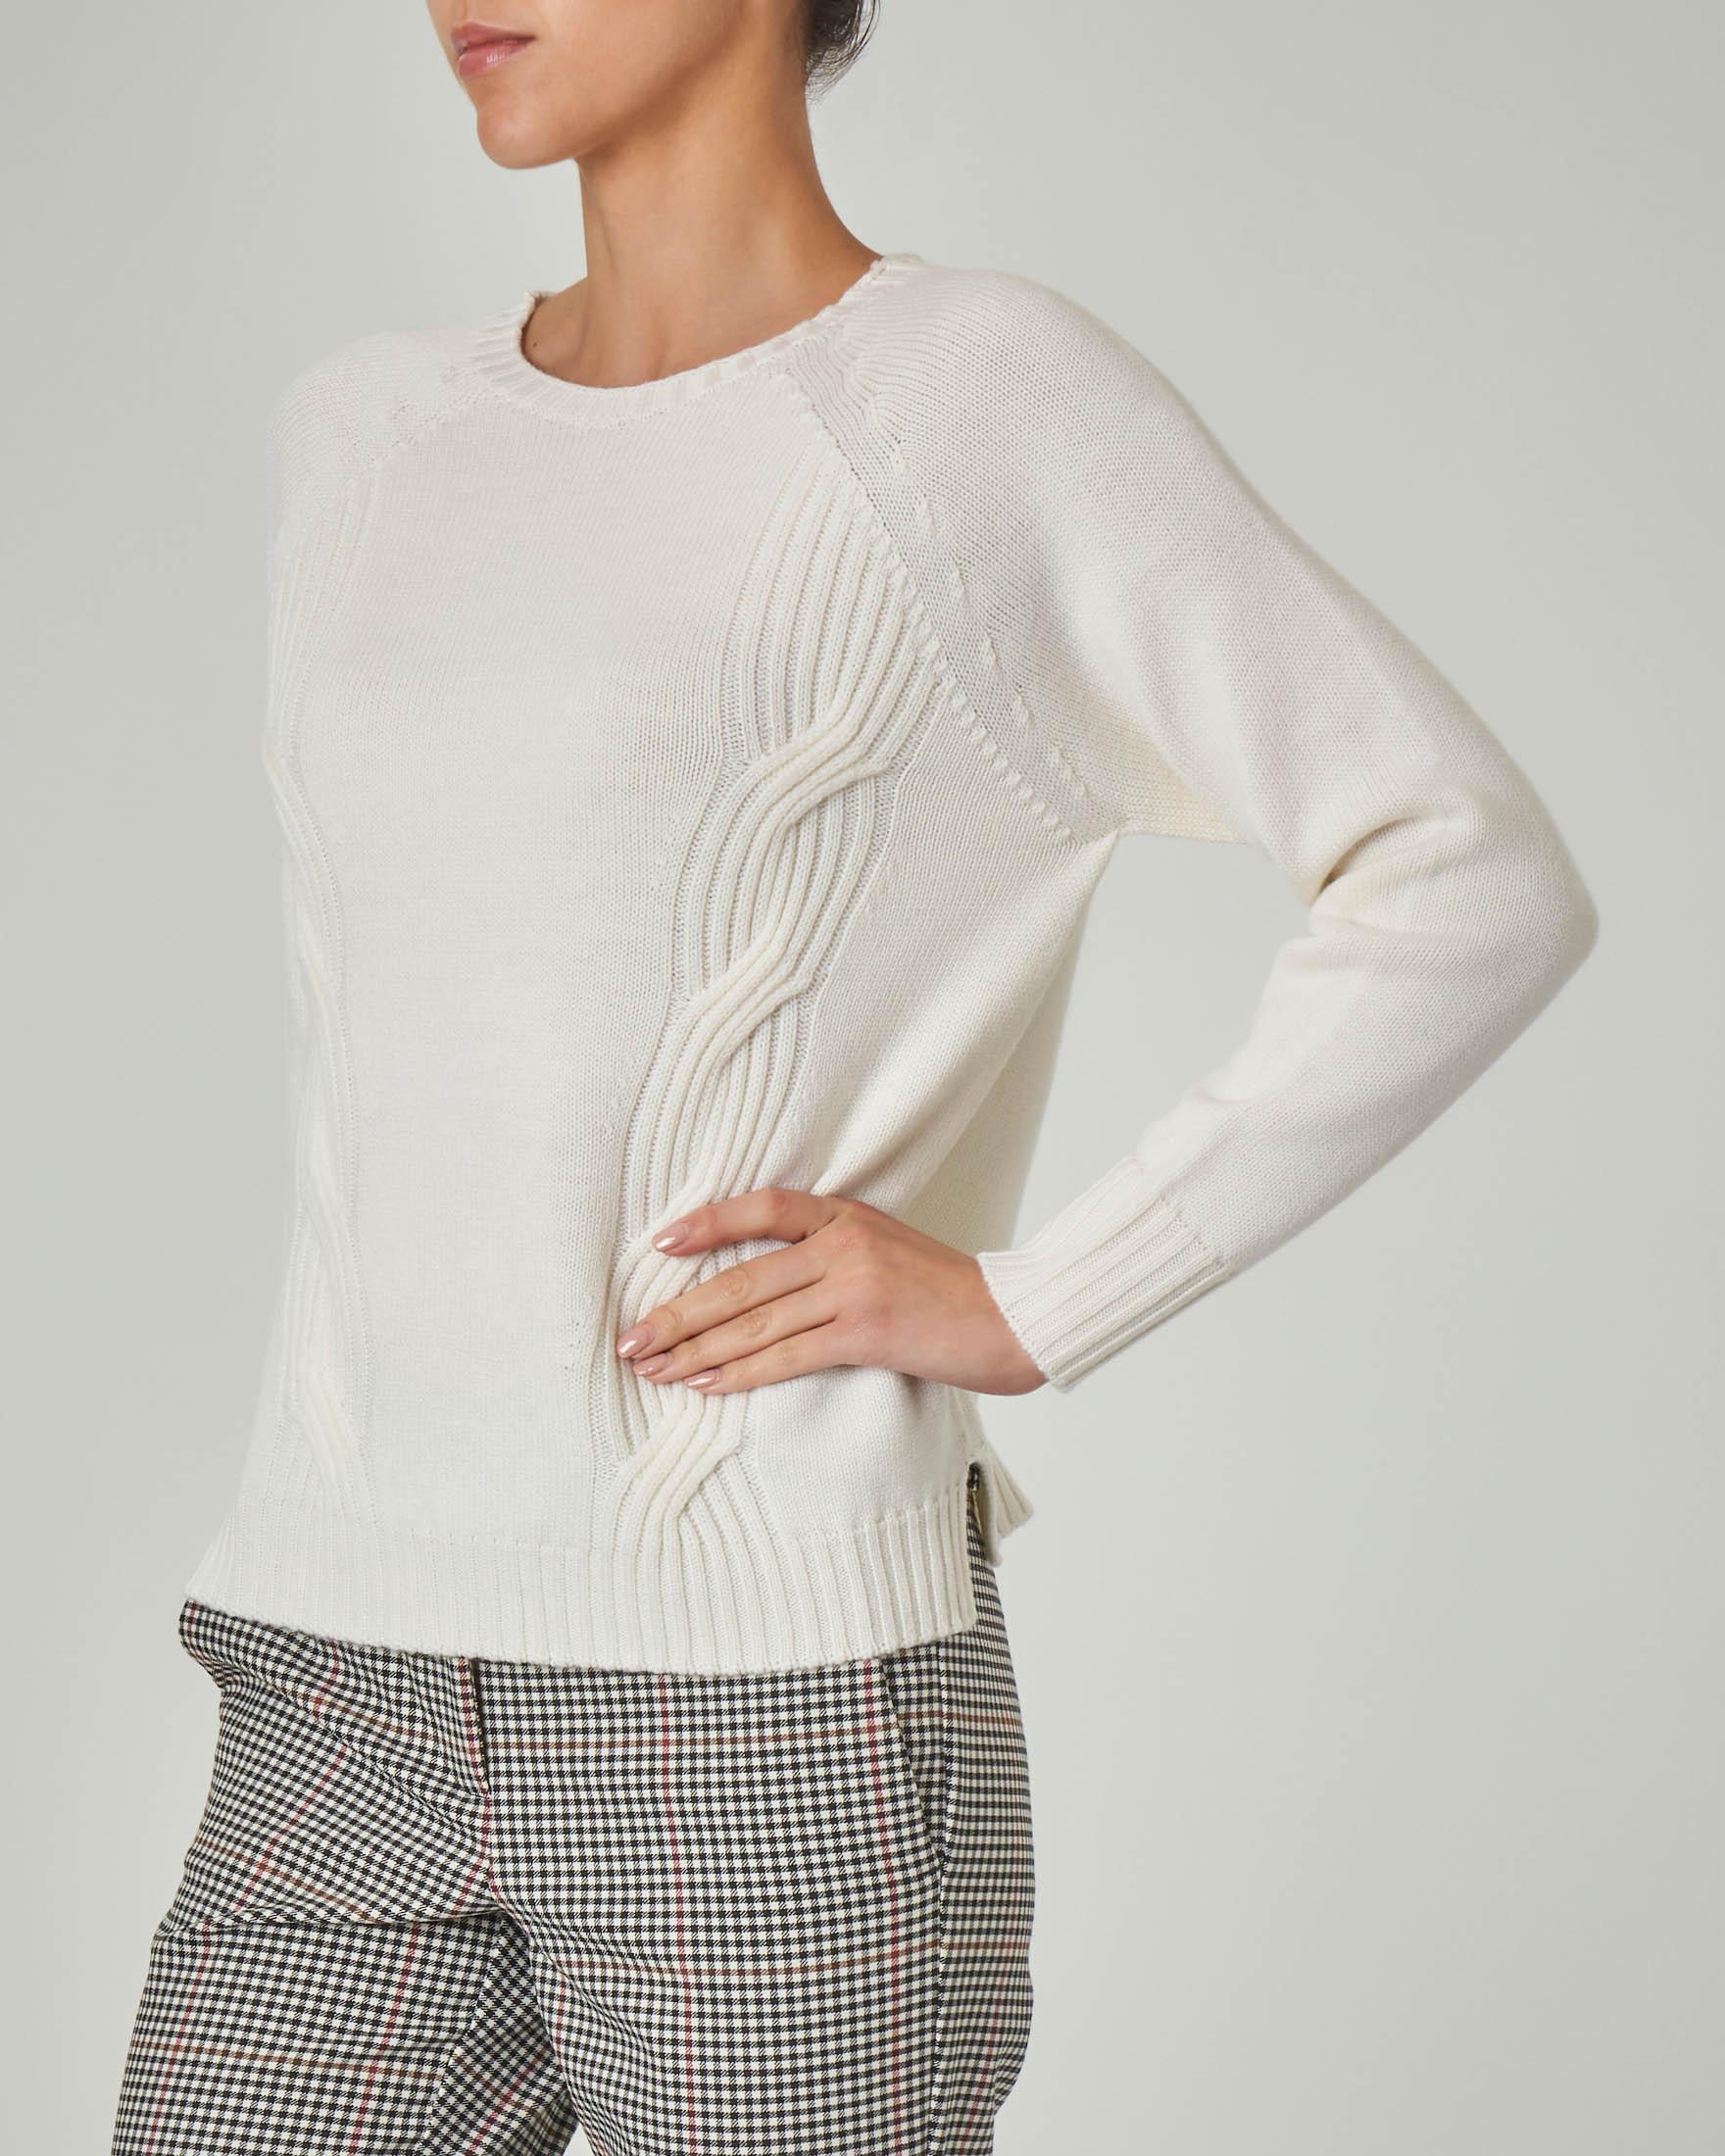 Maglia girocollo bianca in lana con lavorazione a trecce